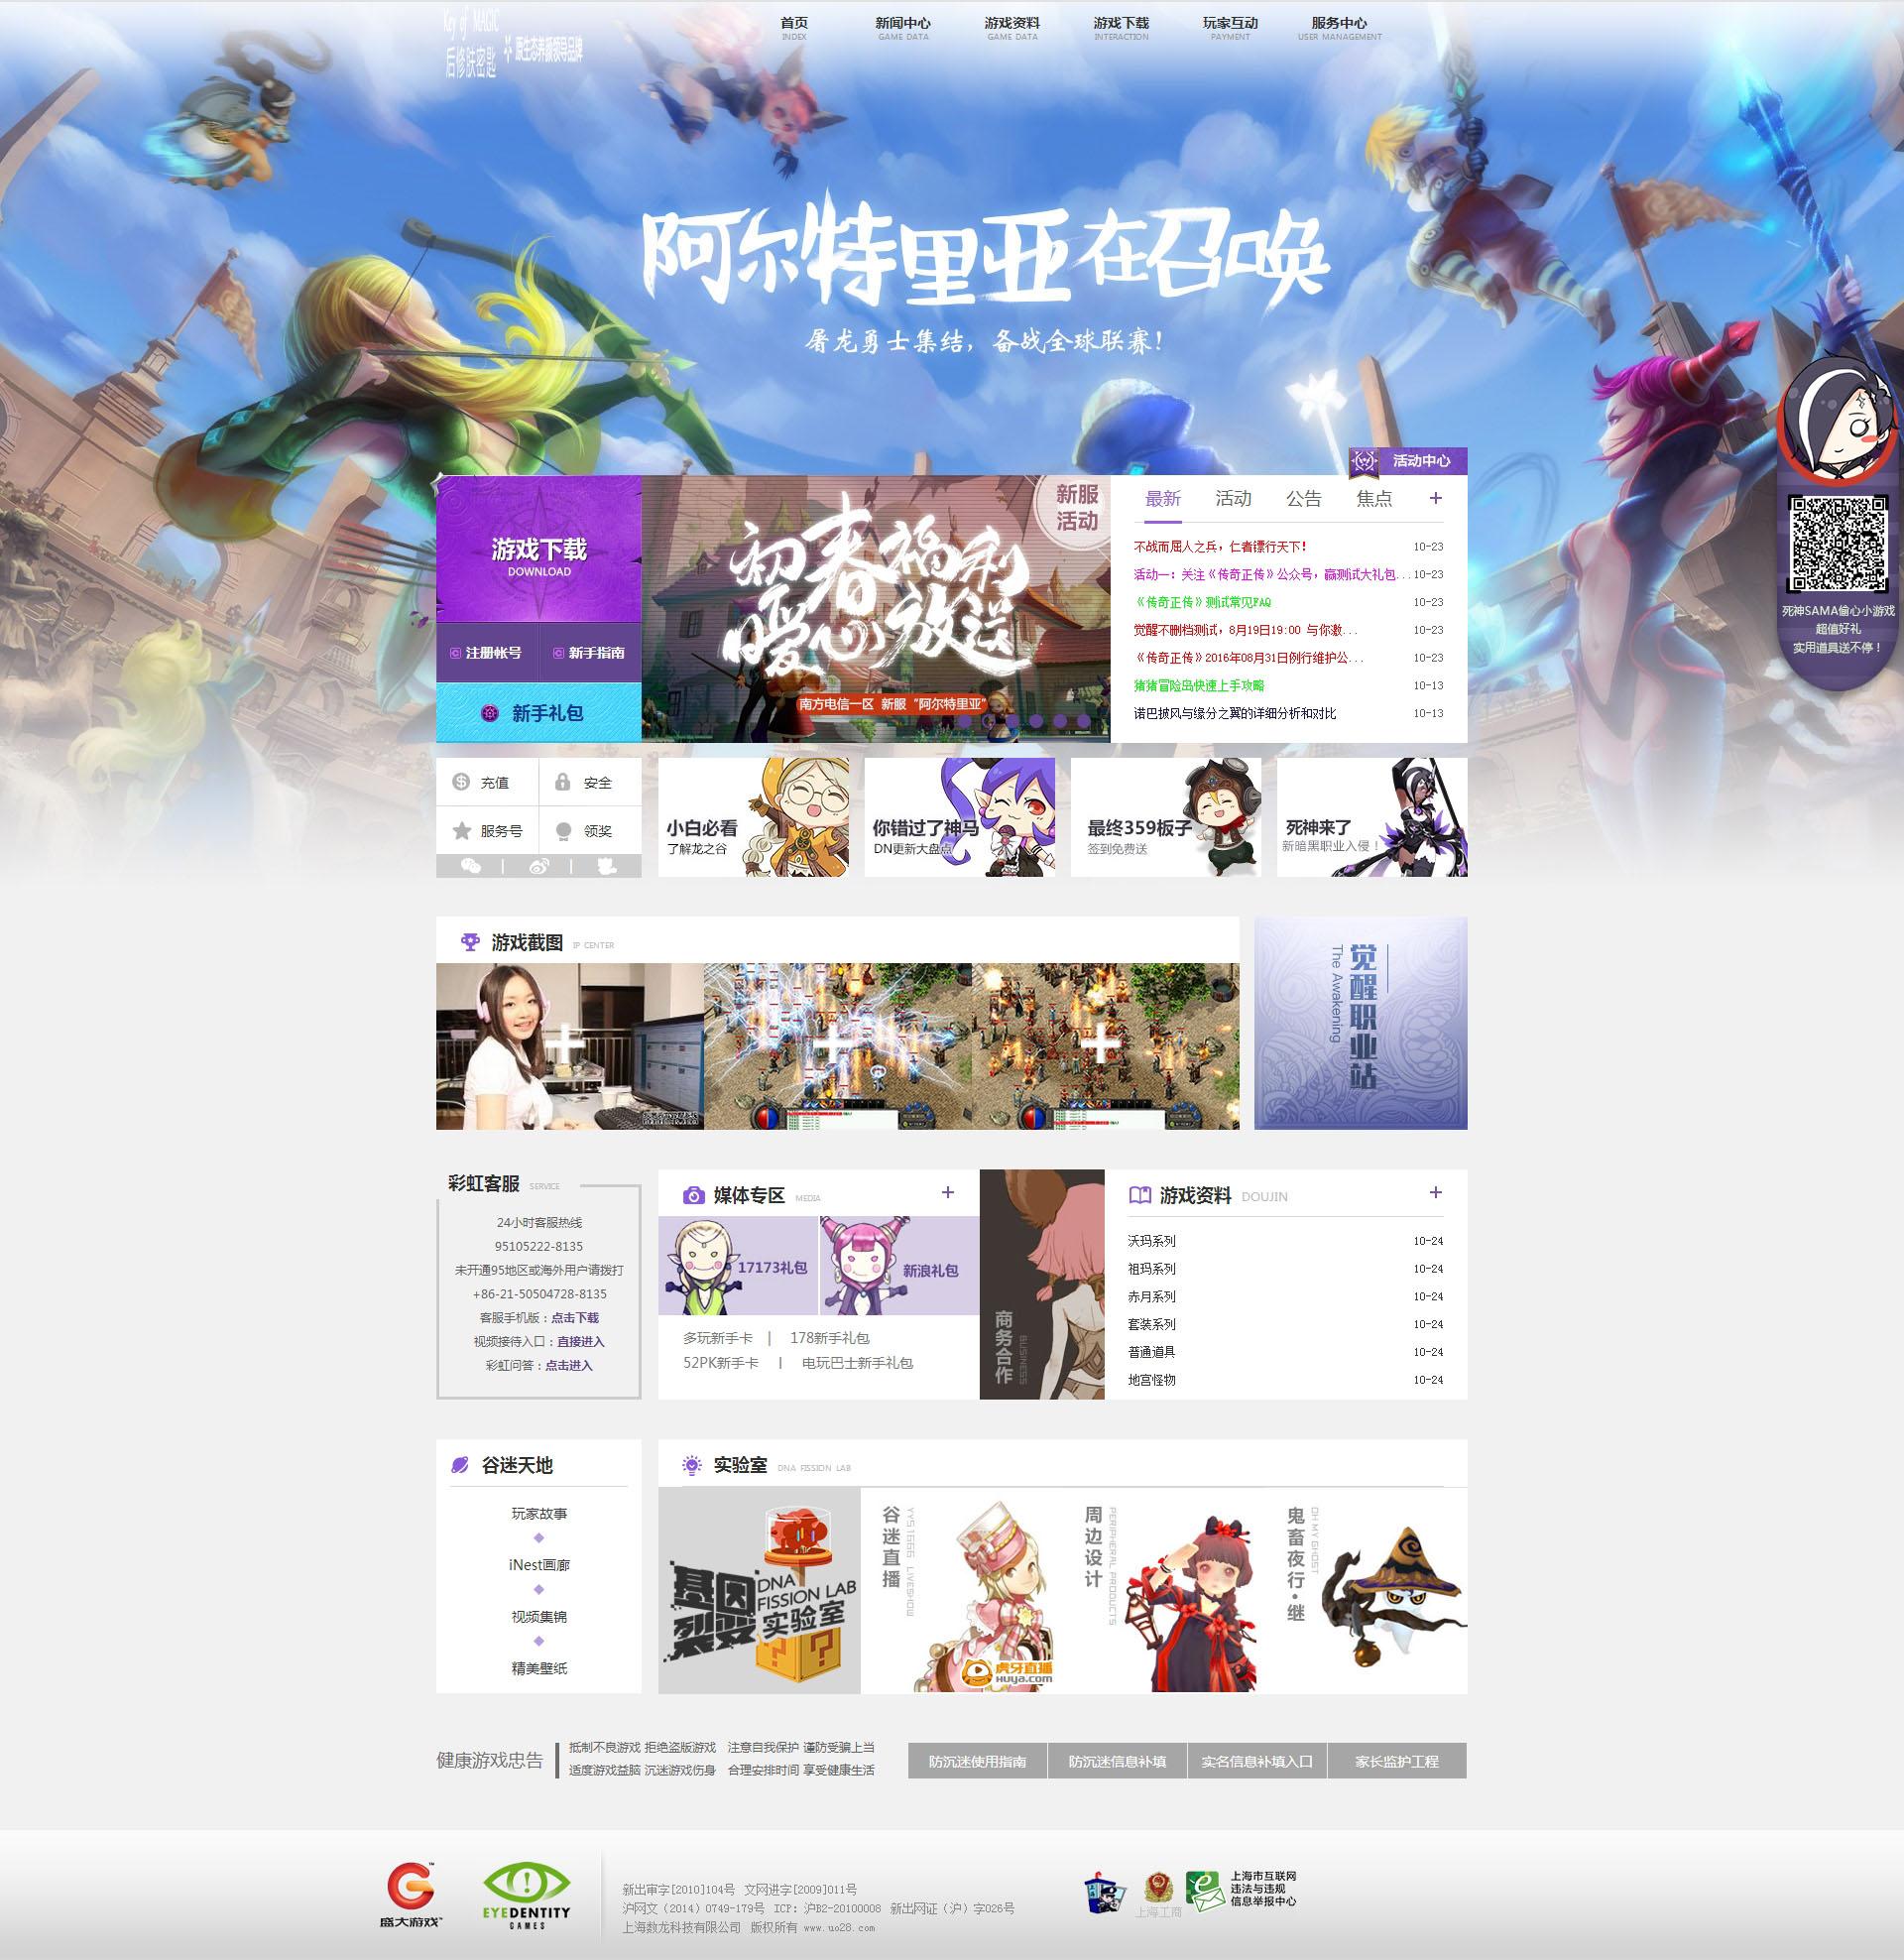 龙之谷端游官方网站源码-冒险时代网站ASP 模版源码网站带后台